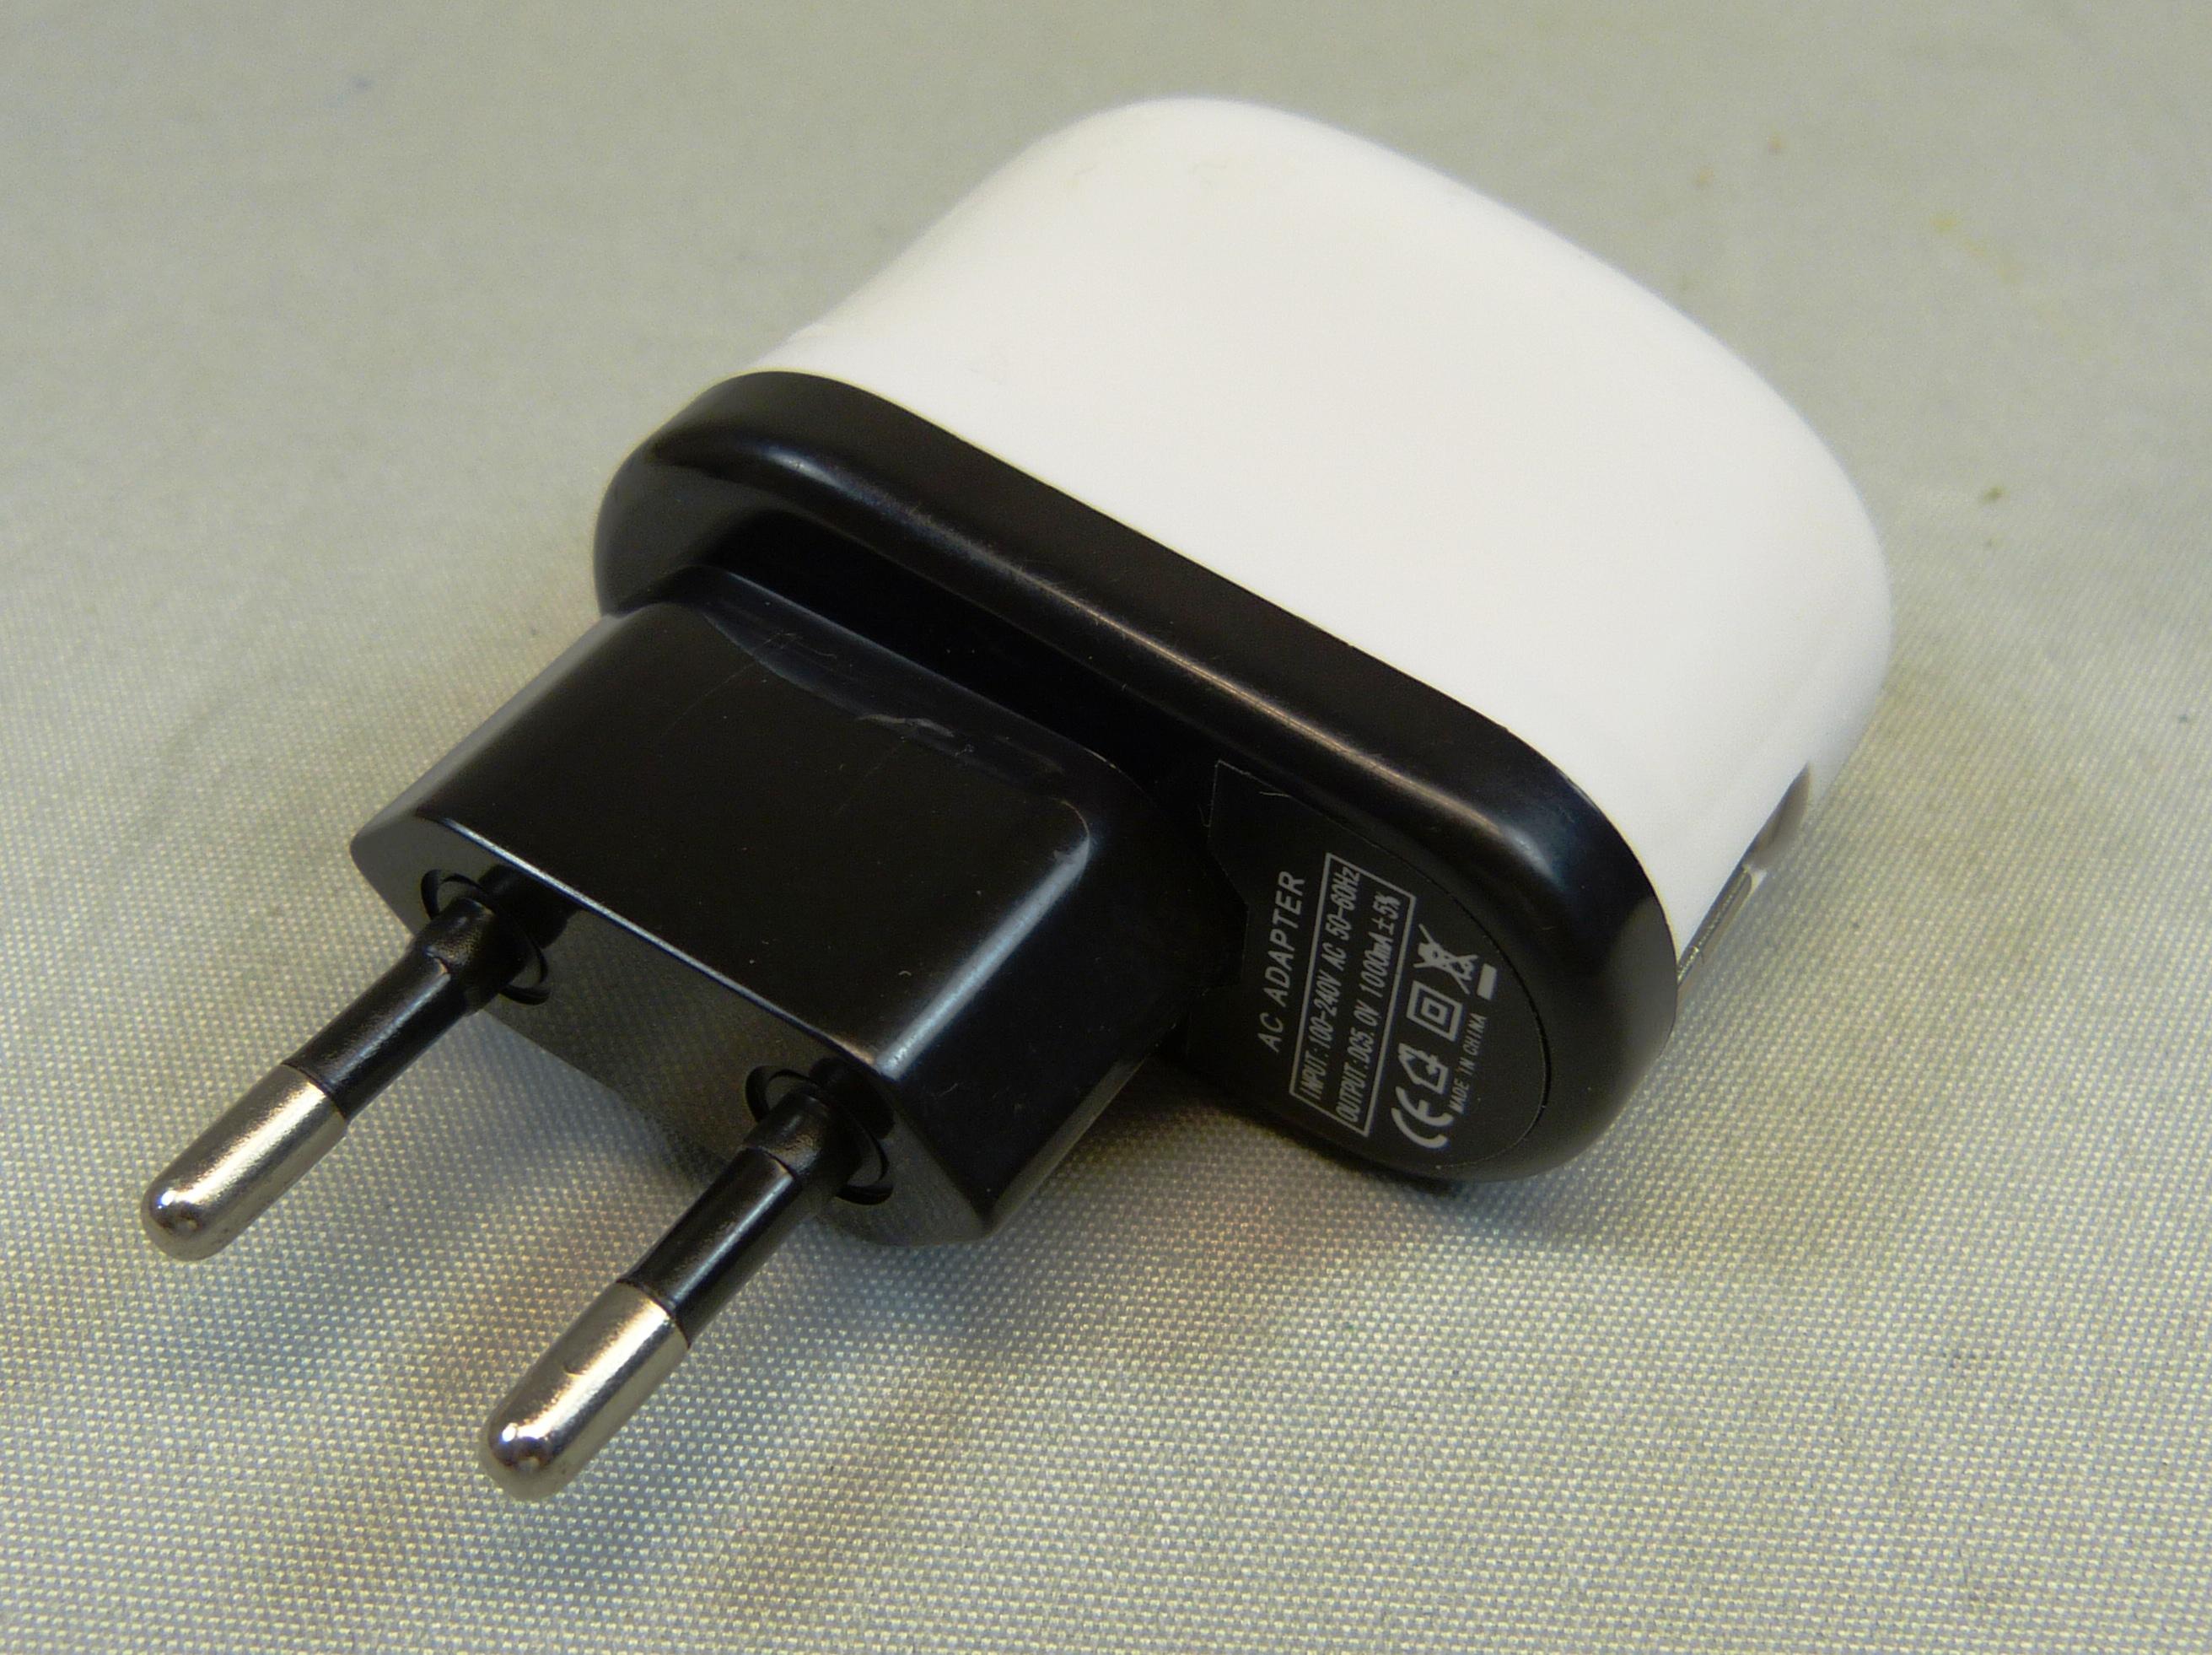 Allvarliga fel på USB laddare Elsäkerhetsverket